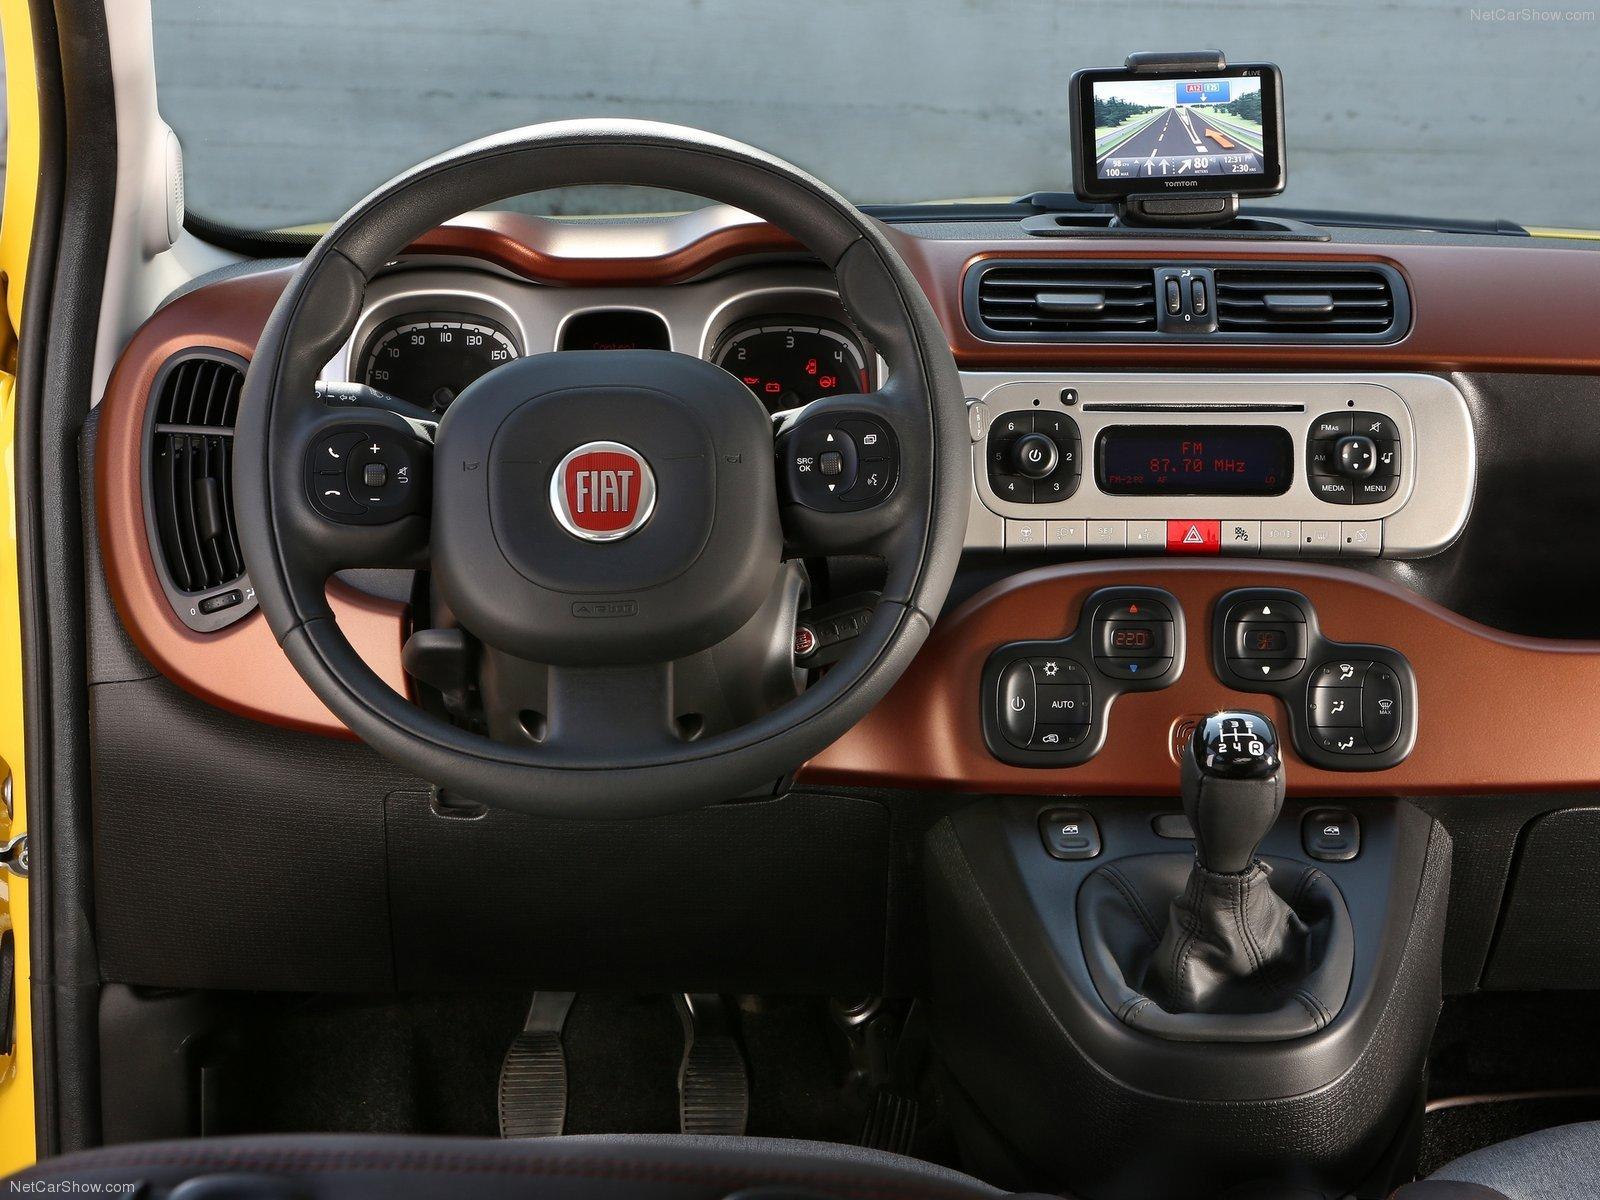 Fiat Panda Easy Interior Fiat Panda Interior 2014 2014